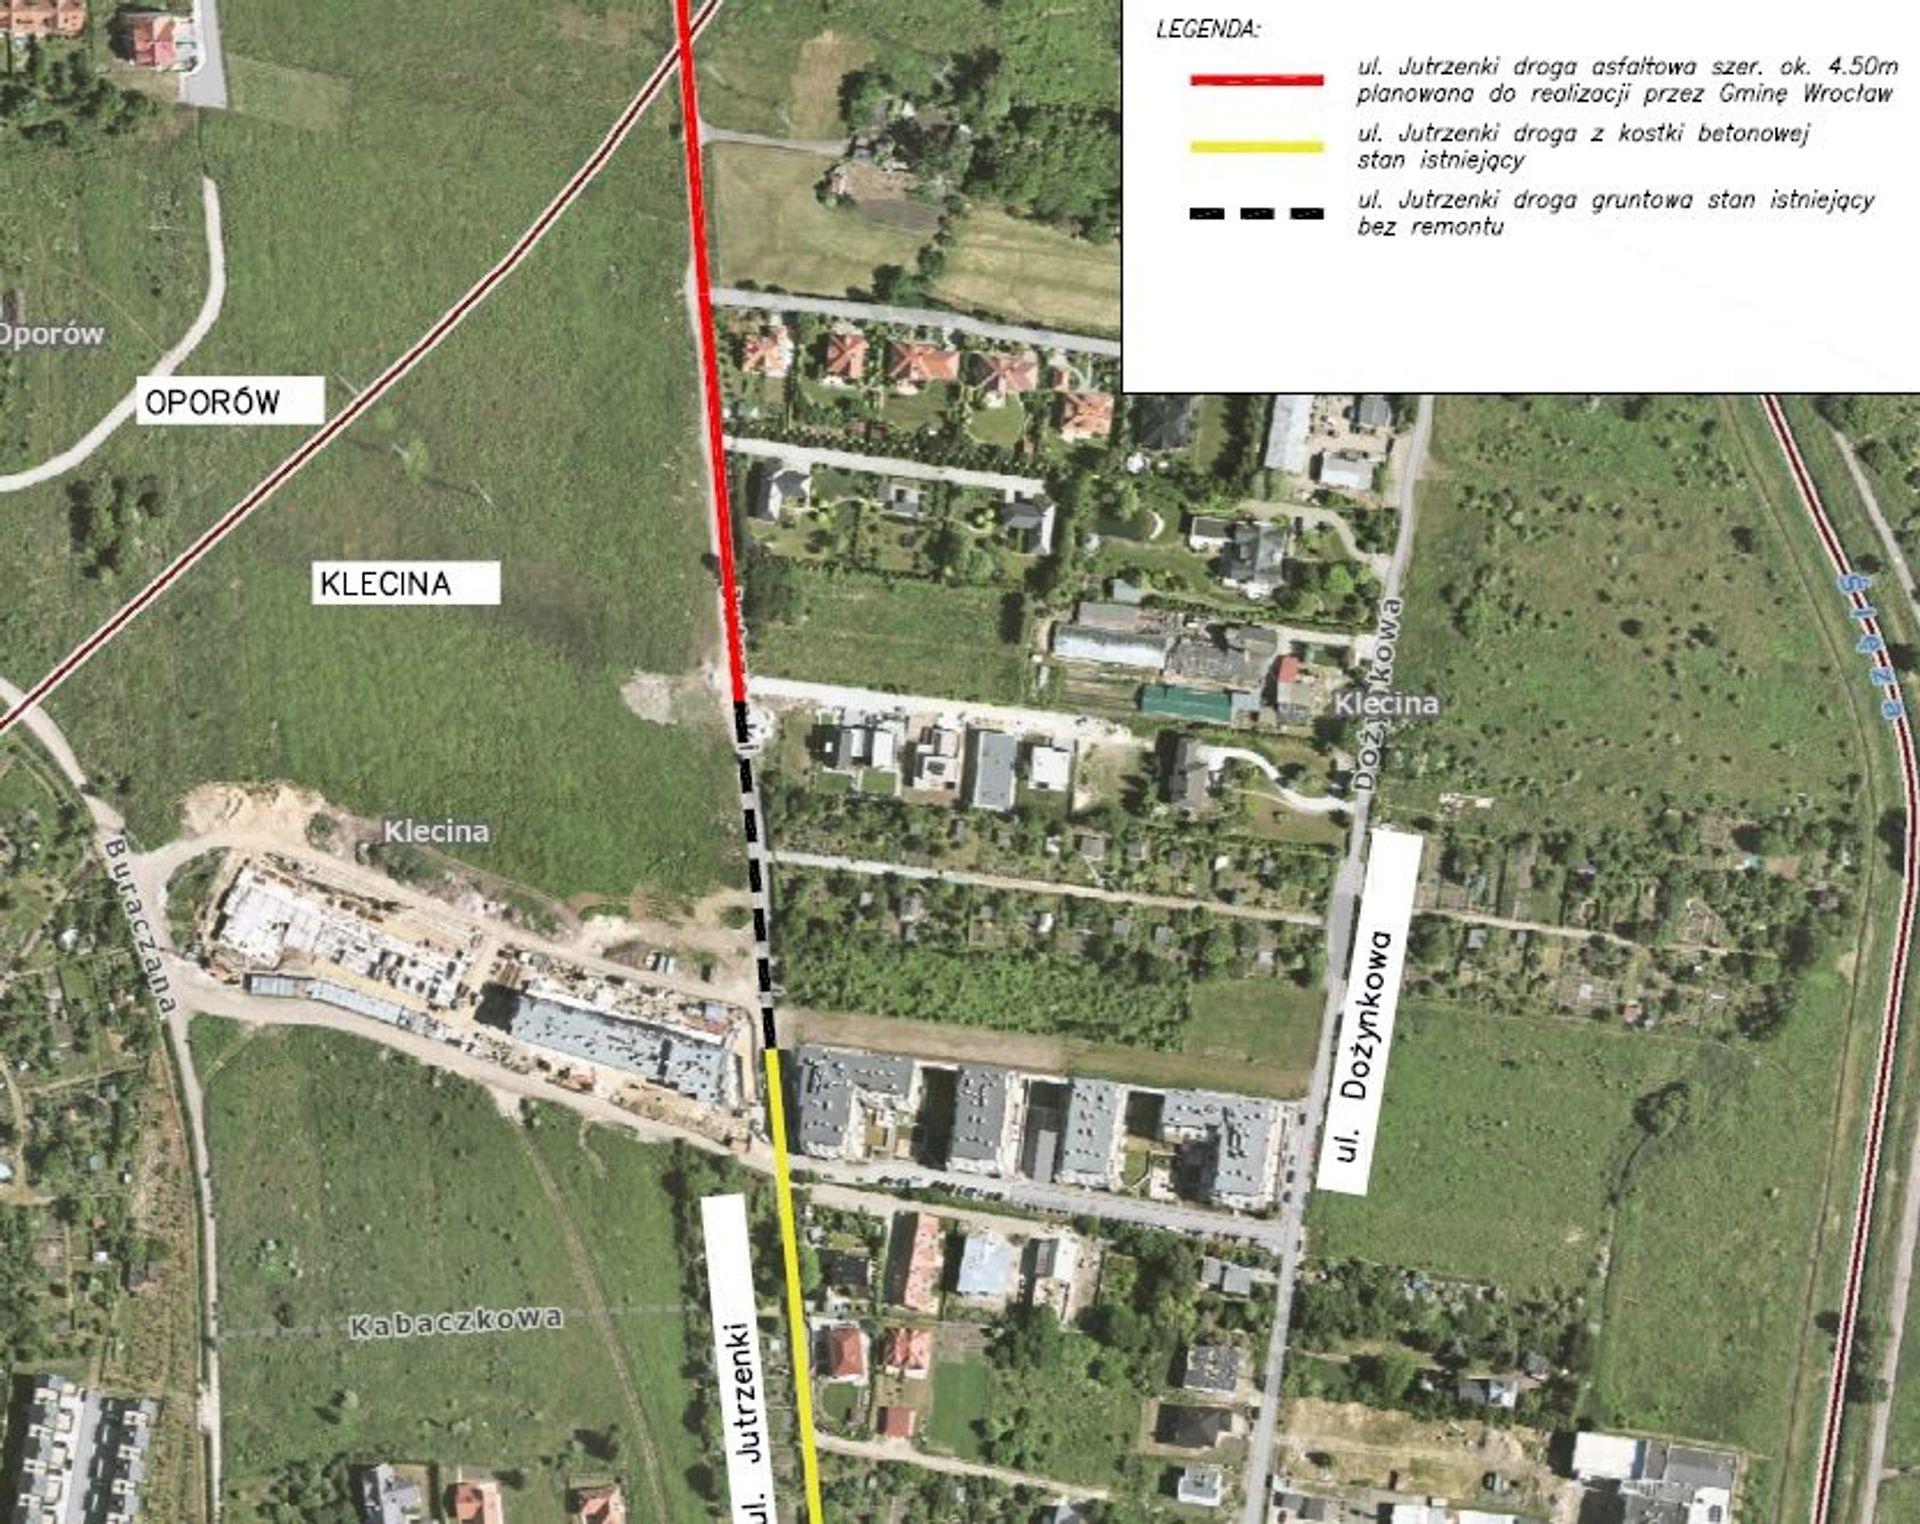 Mieszkańcy Kleciny chcą przebudować ulicę. Urzędnicy proponują rozwiązanie